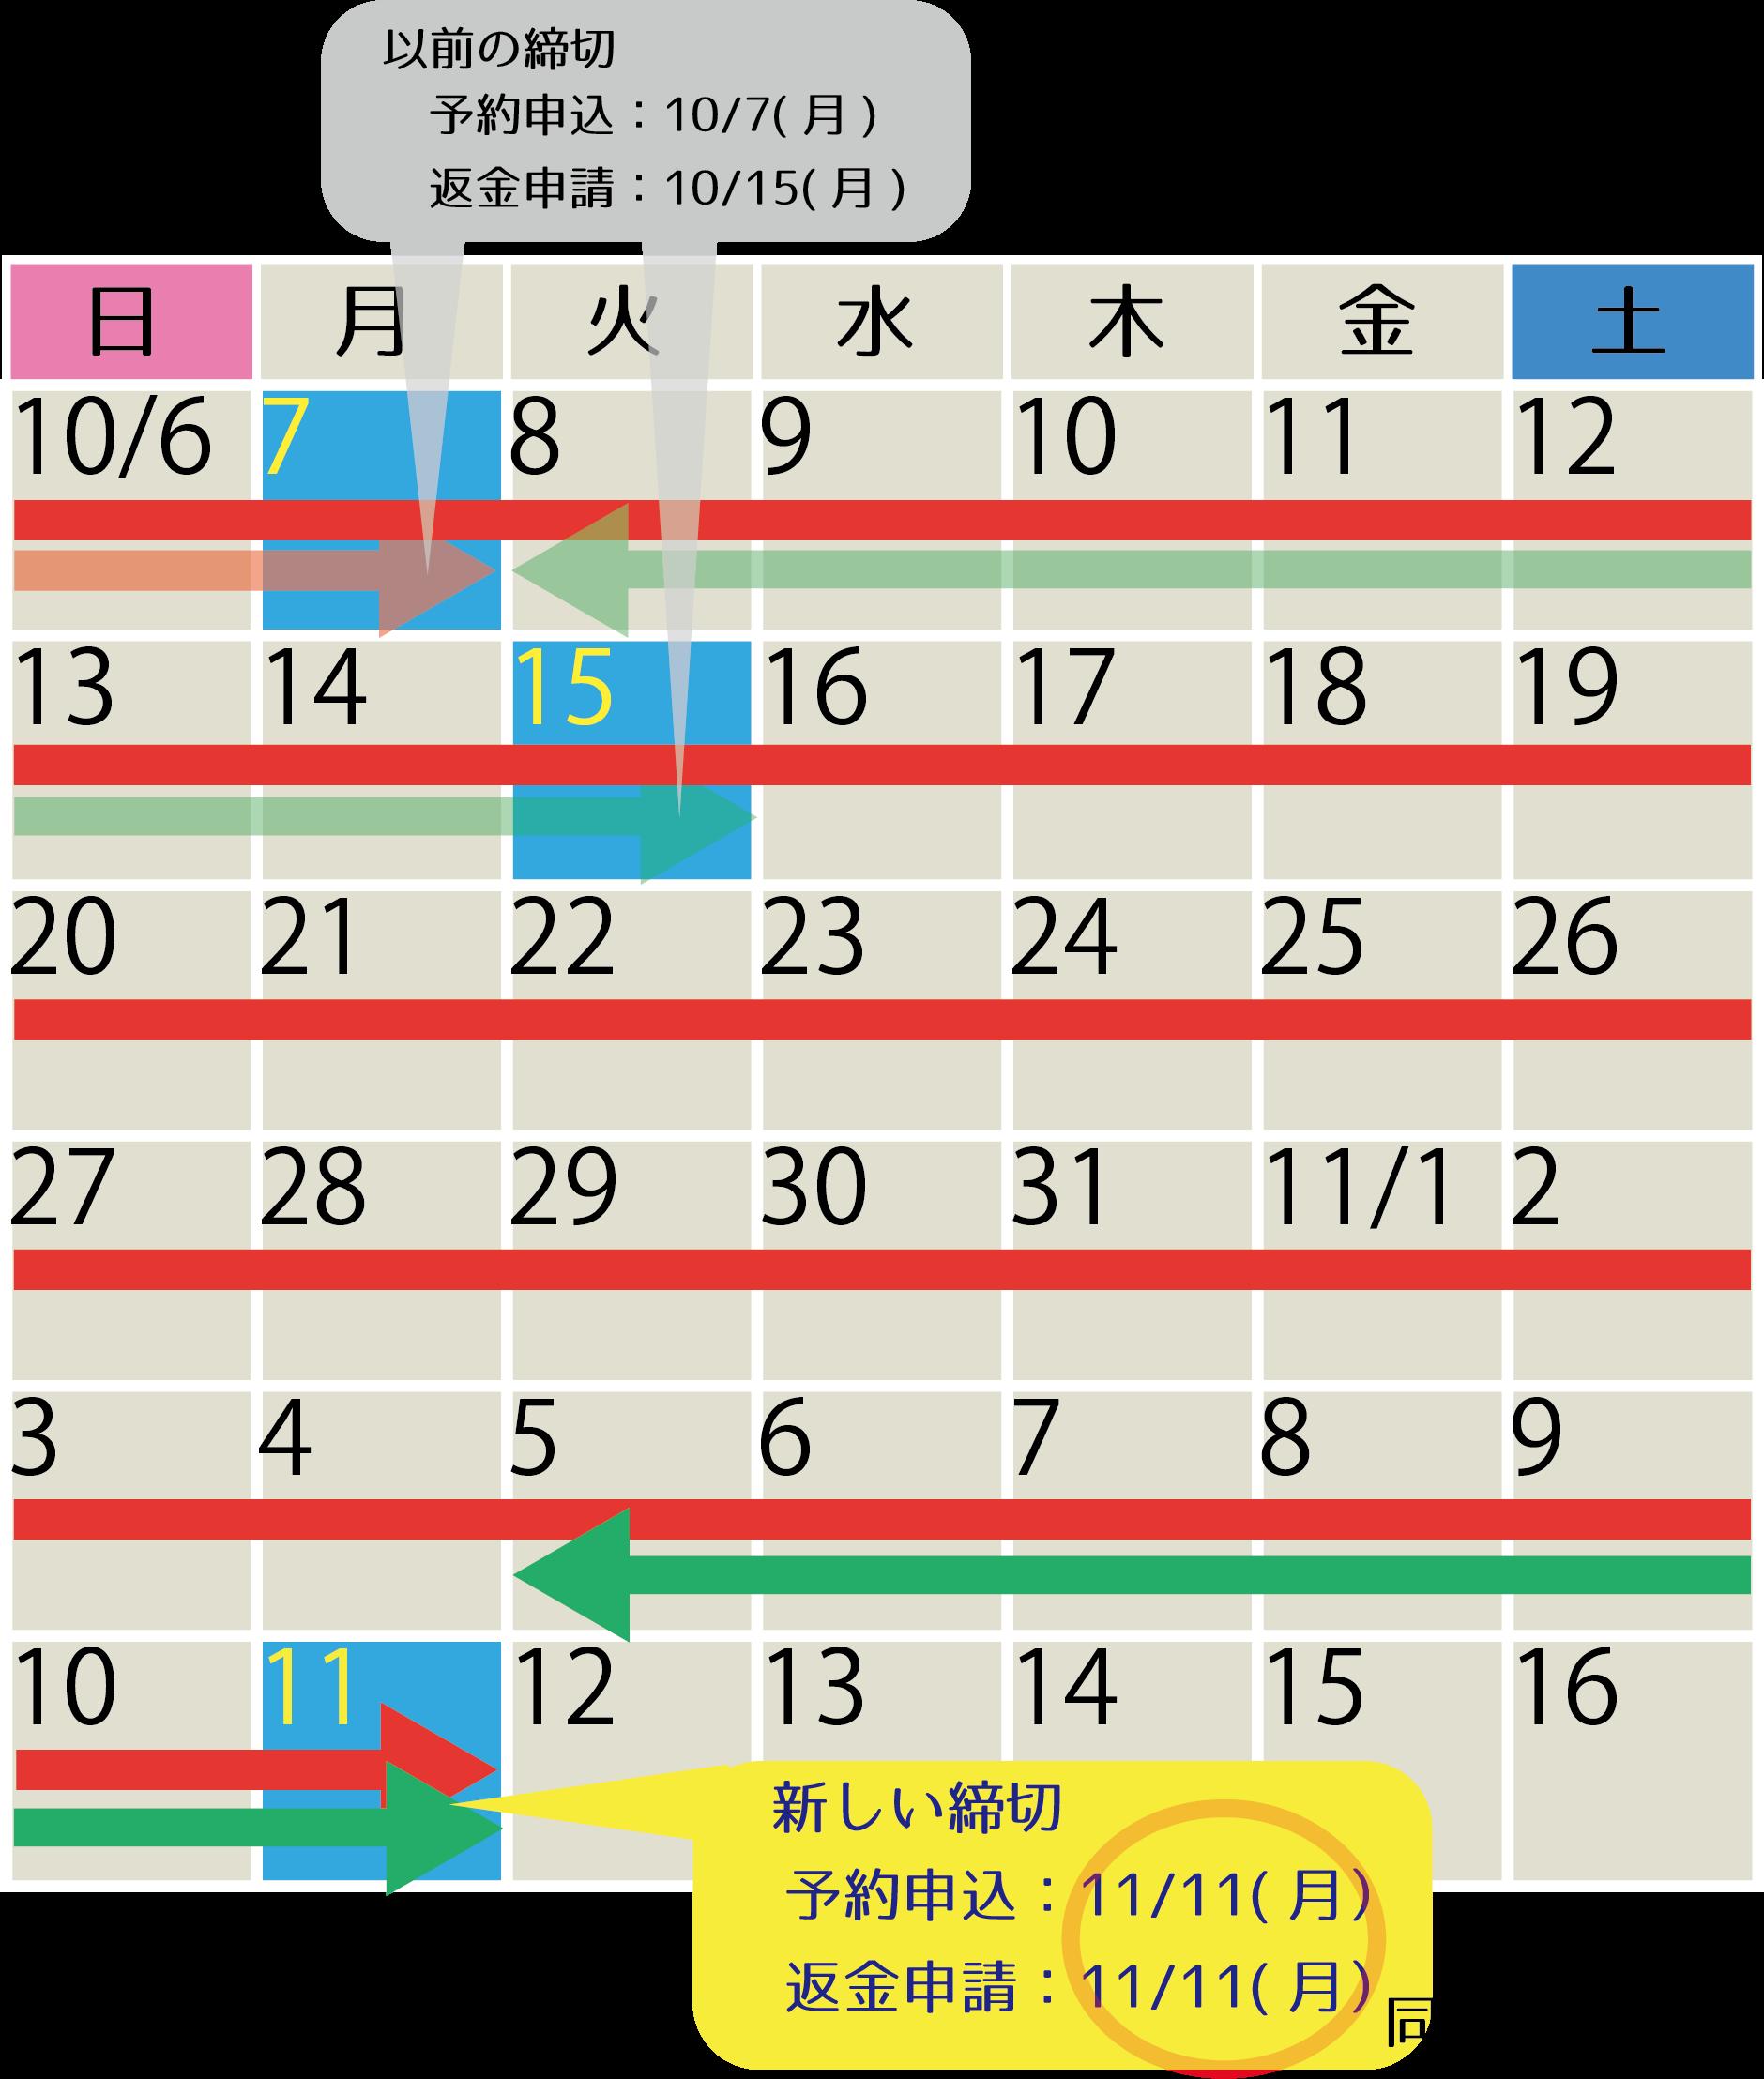 英検2020 1day S-CBT予約申込カレンダー